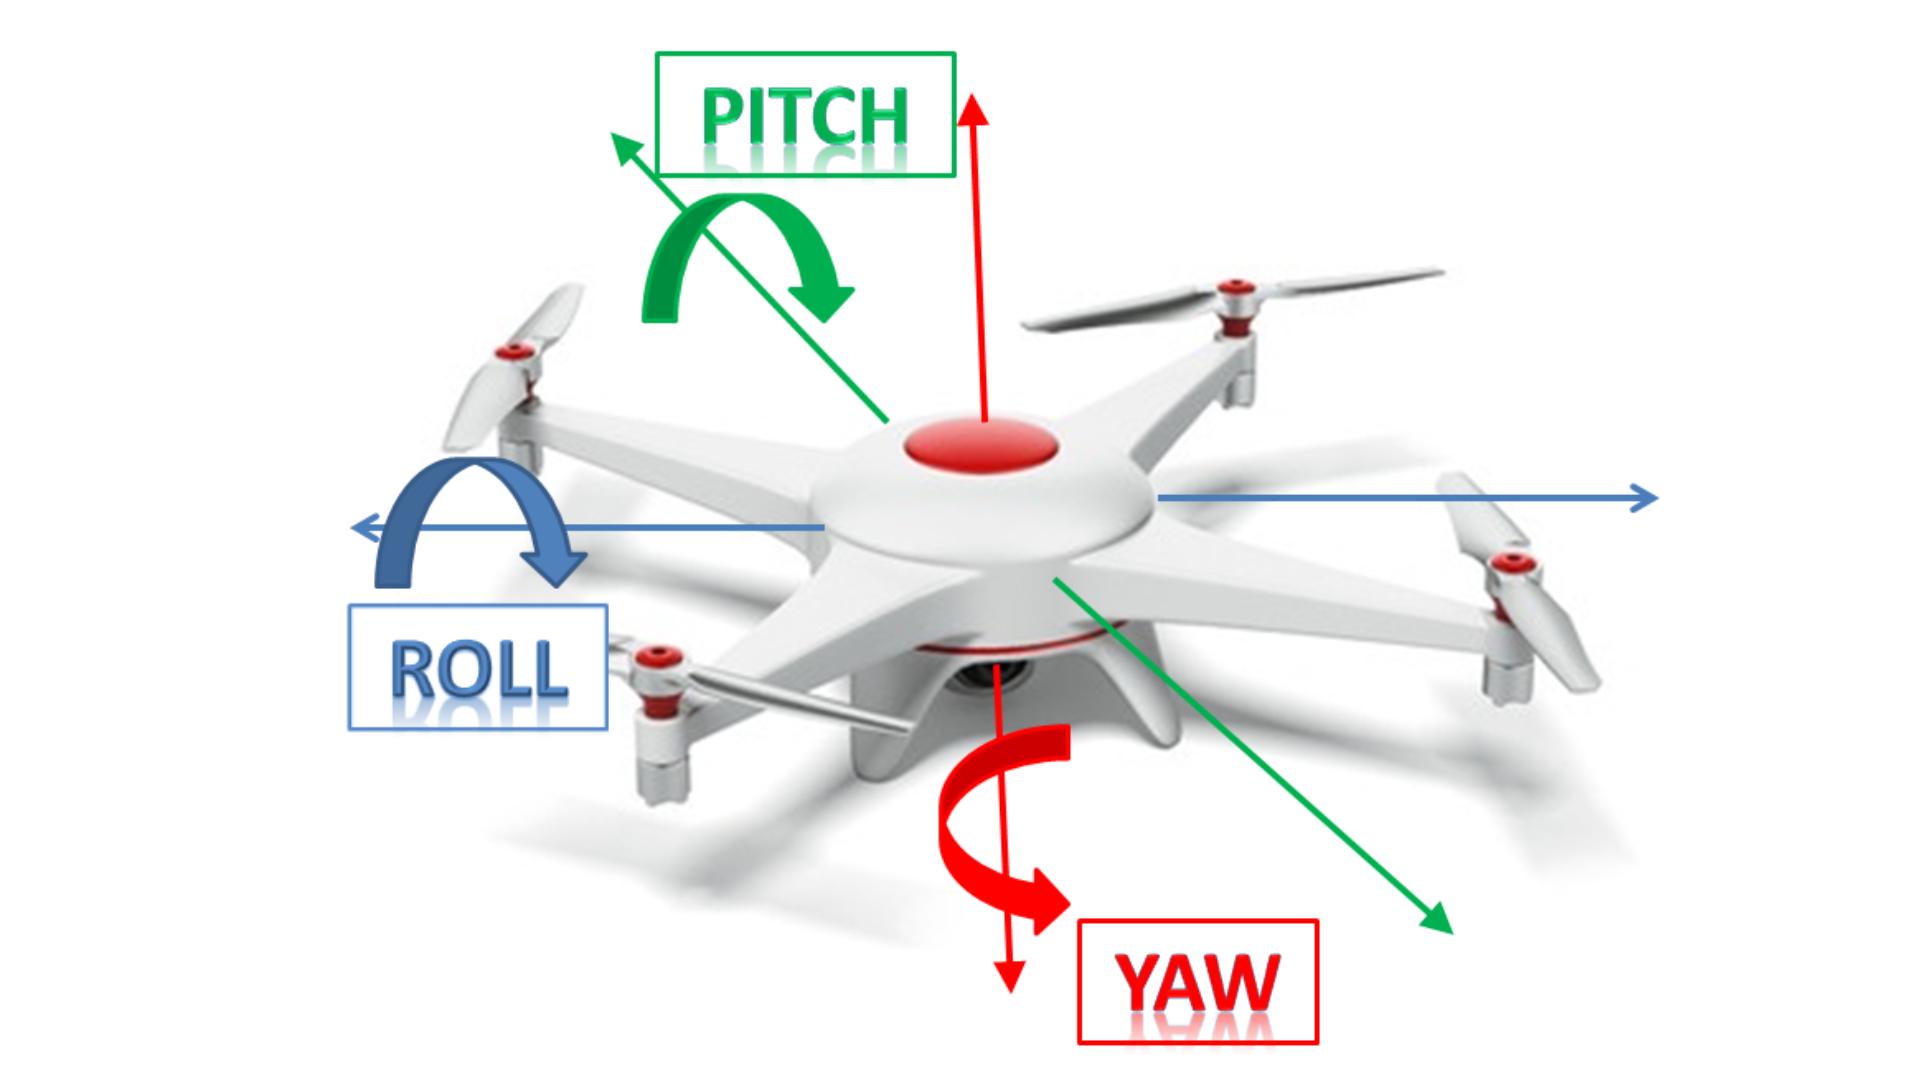 HƯỚNG DẪN LÁI DRONE CHI TIẾT TỪ A - Z 5